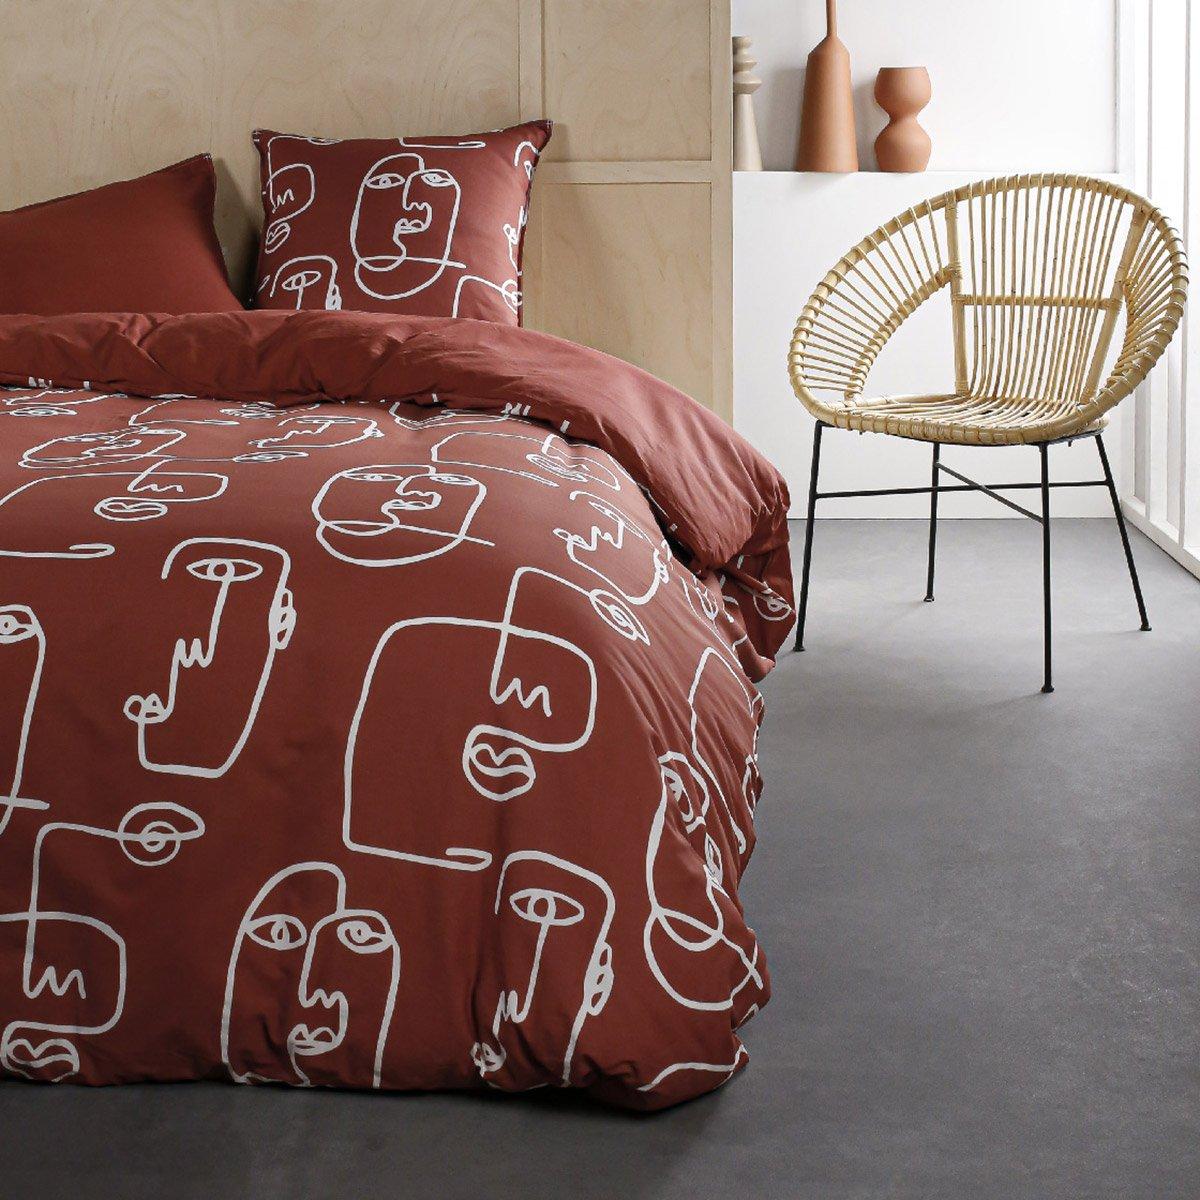 Parure de lit 2 personnes imprimé en Coton Rouge 240x260 cm